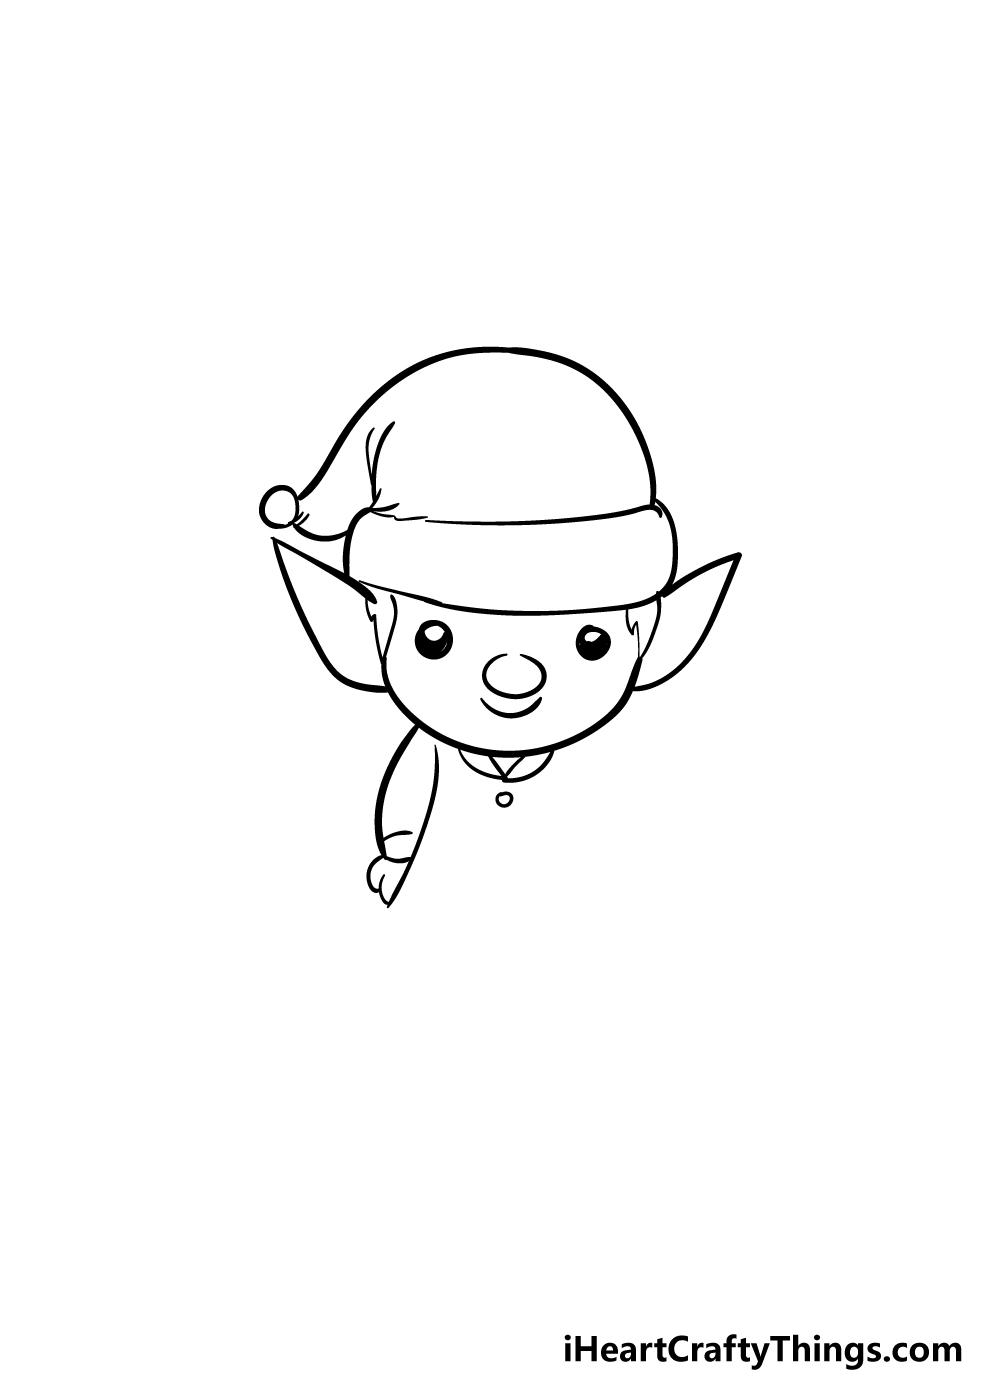 elf drawing step 4